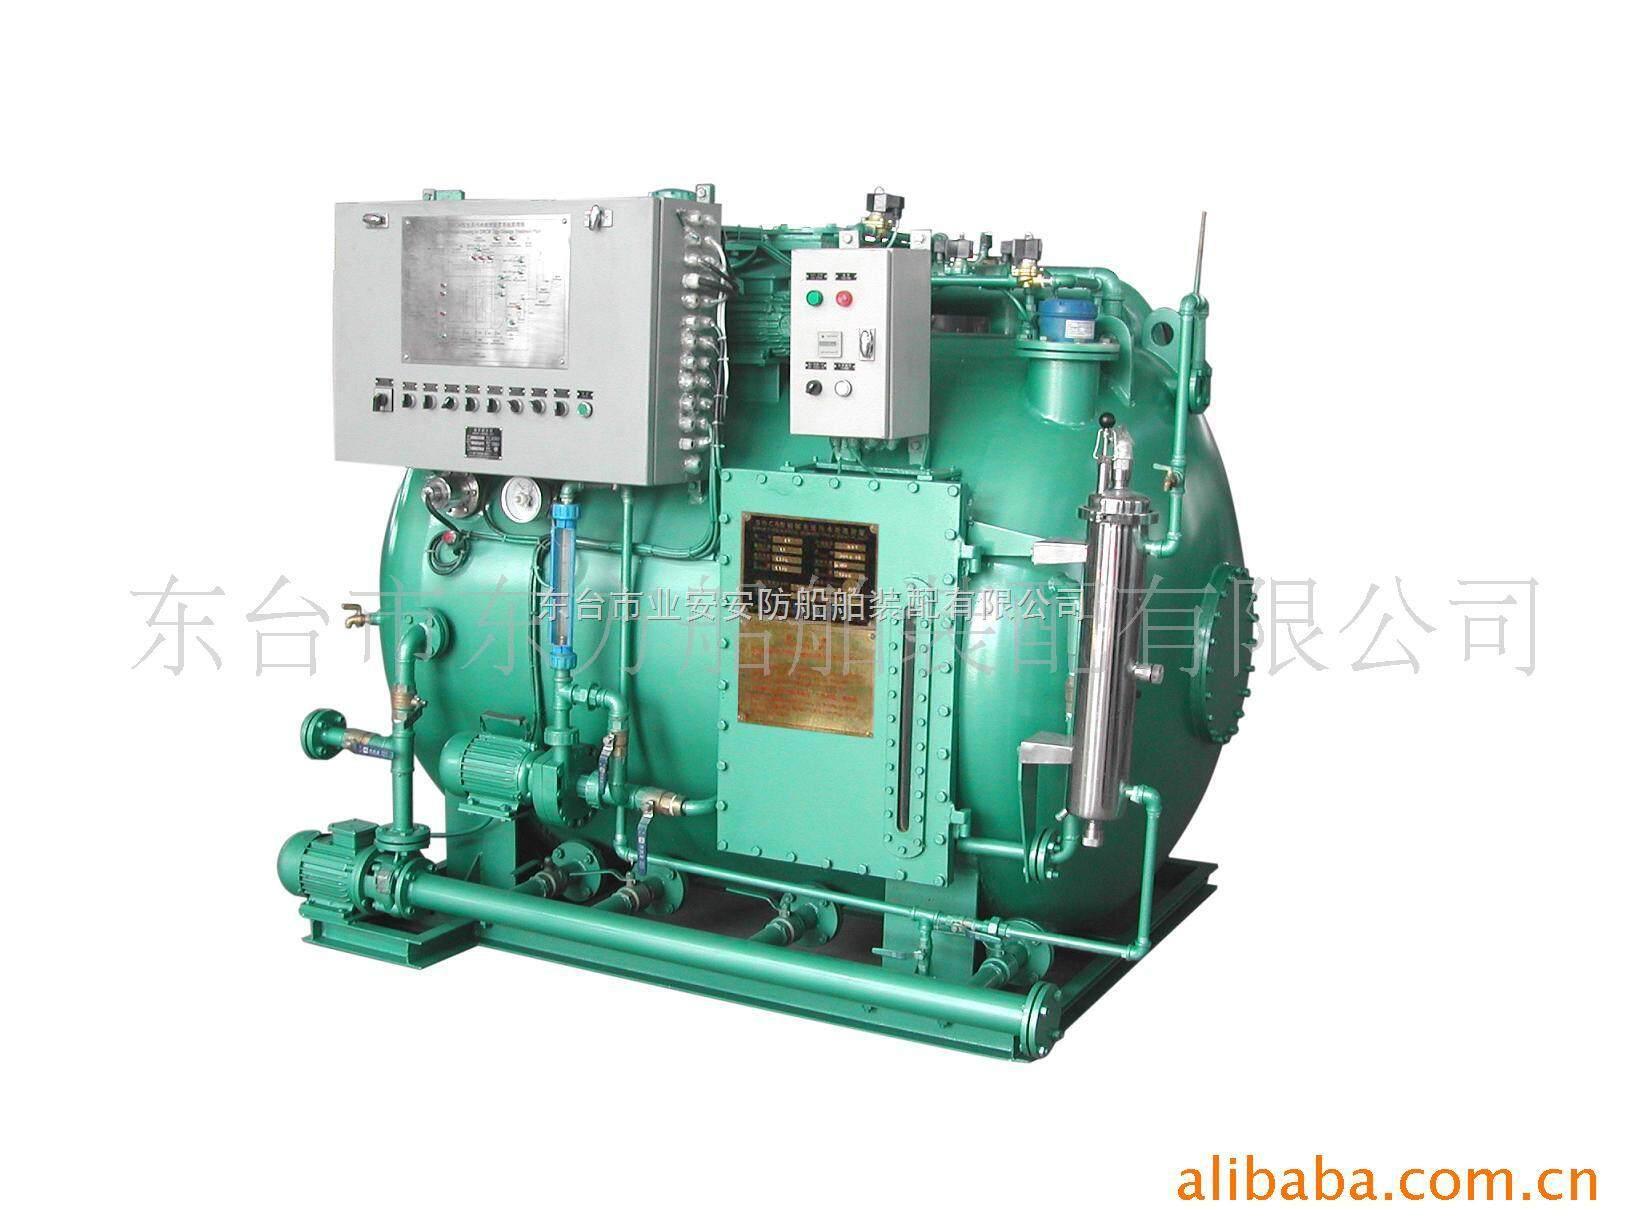 贵州新型SWCM型膜法生活污水处理装置